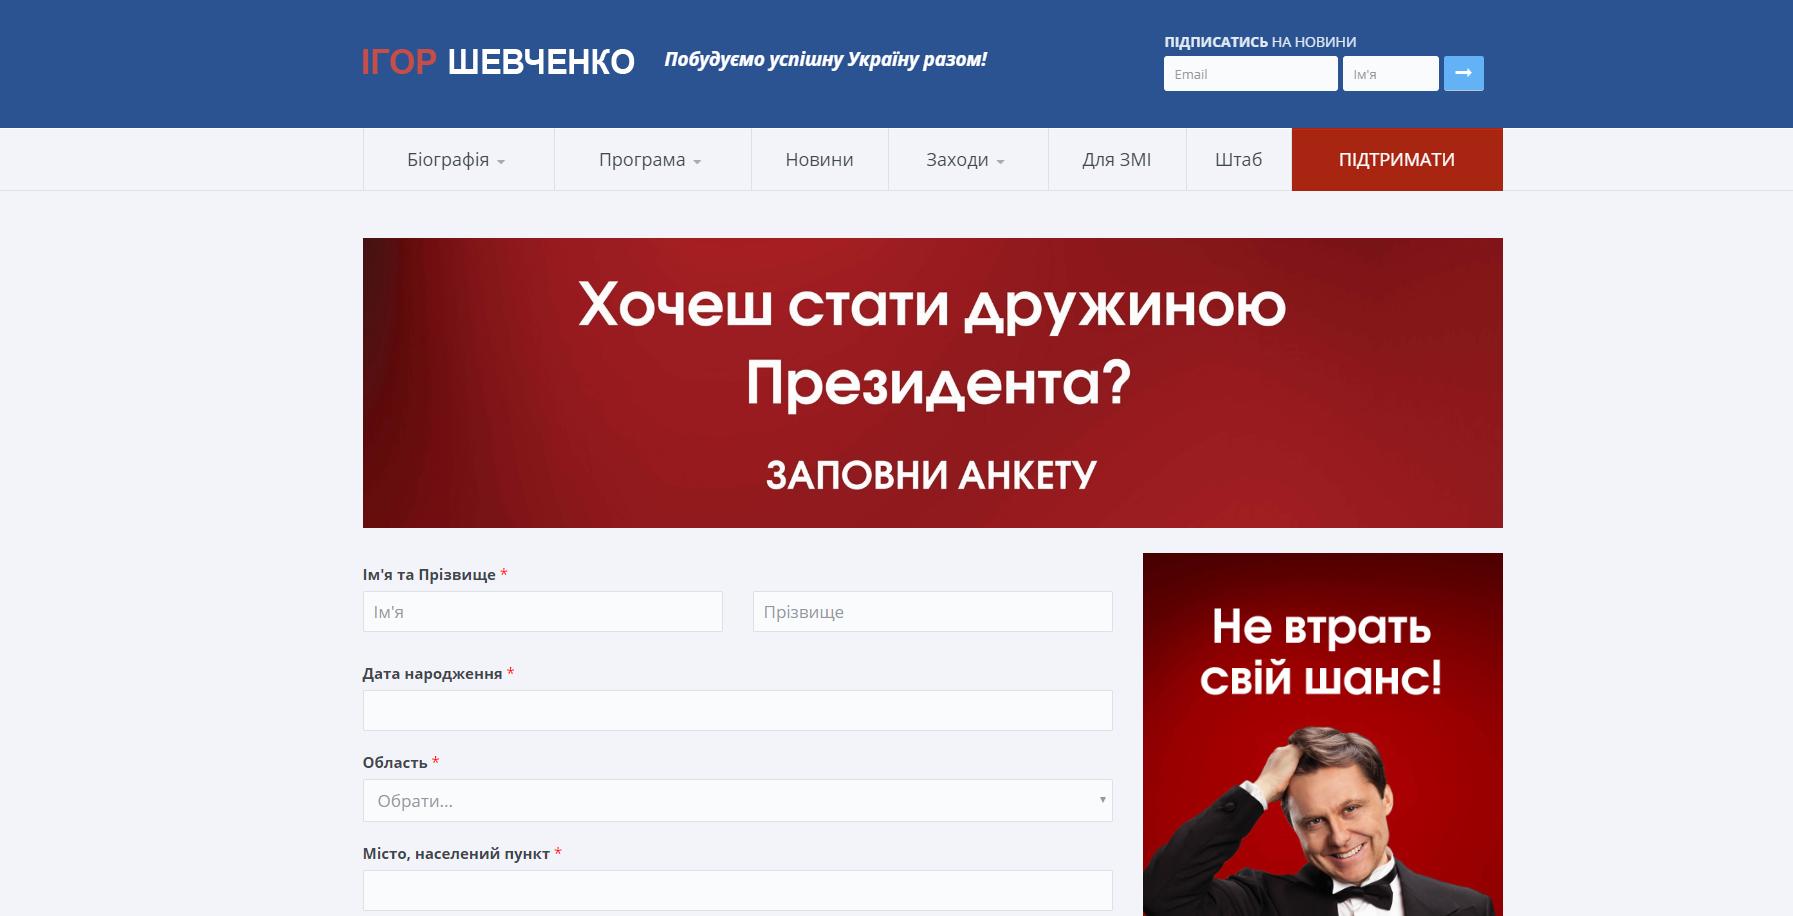 Ігор Шевченко шукає дружину